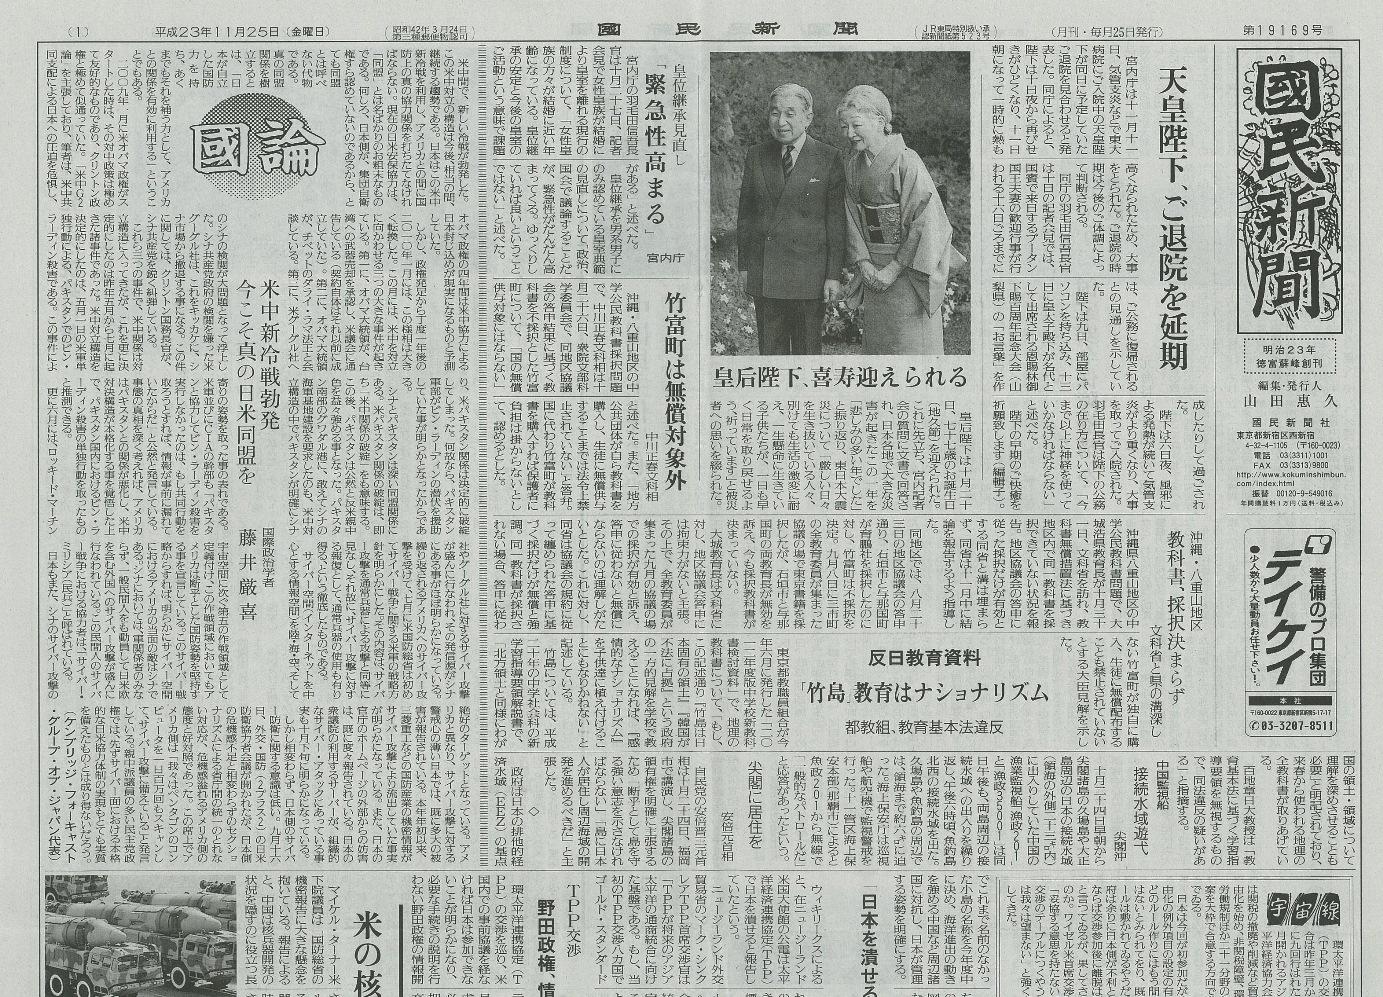 國民新聞 11月号「米中新冷戦勃発」サイバー戦争に関しての記事を寄稿